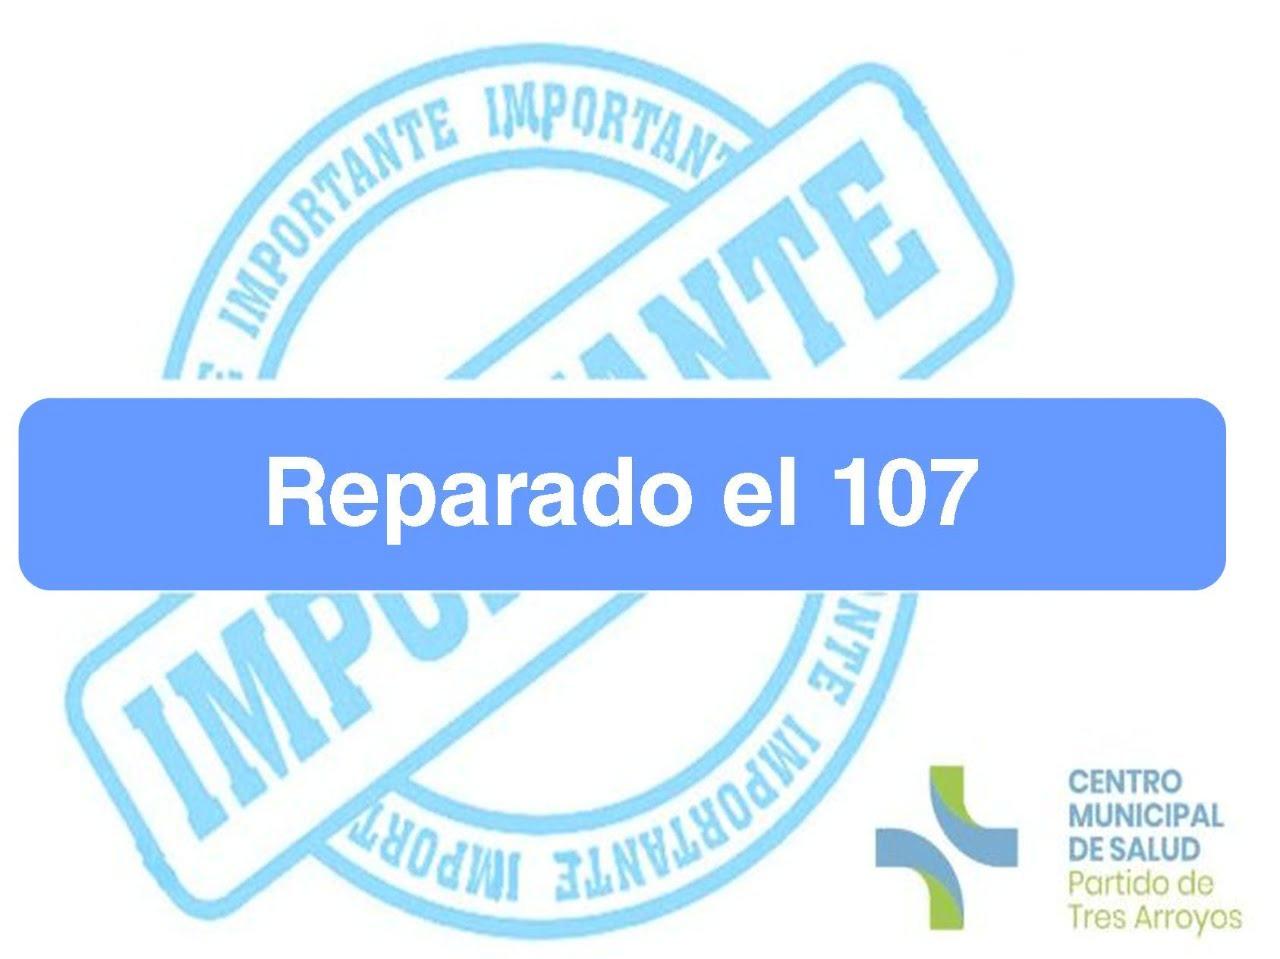 El 107 para emergencias fue reparado y ya funciona con normalidad